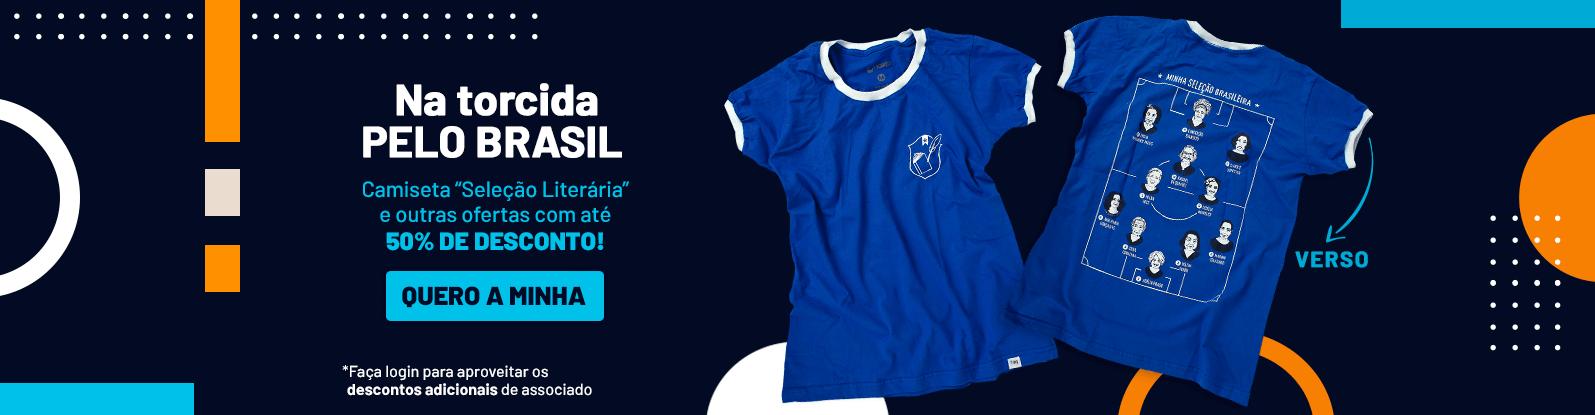 Camisetas - Seleção Literária